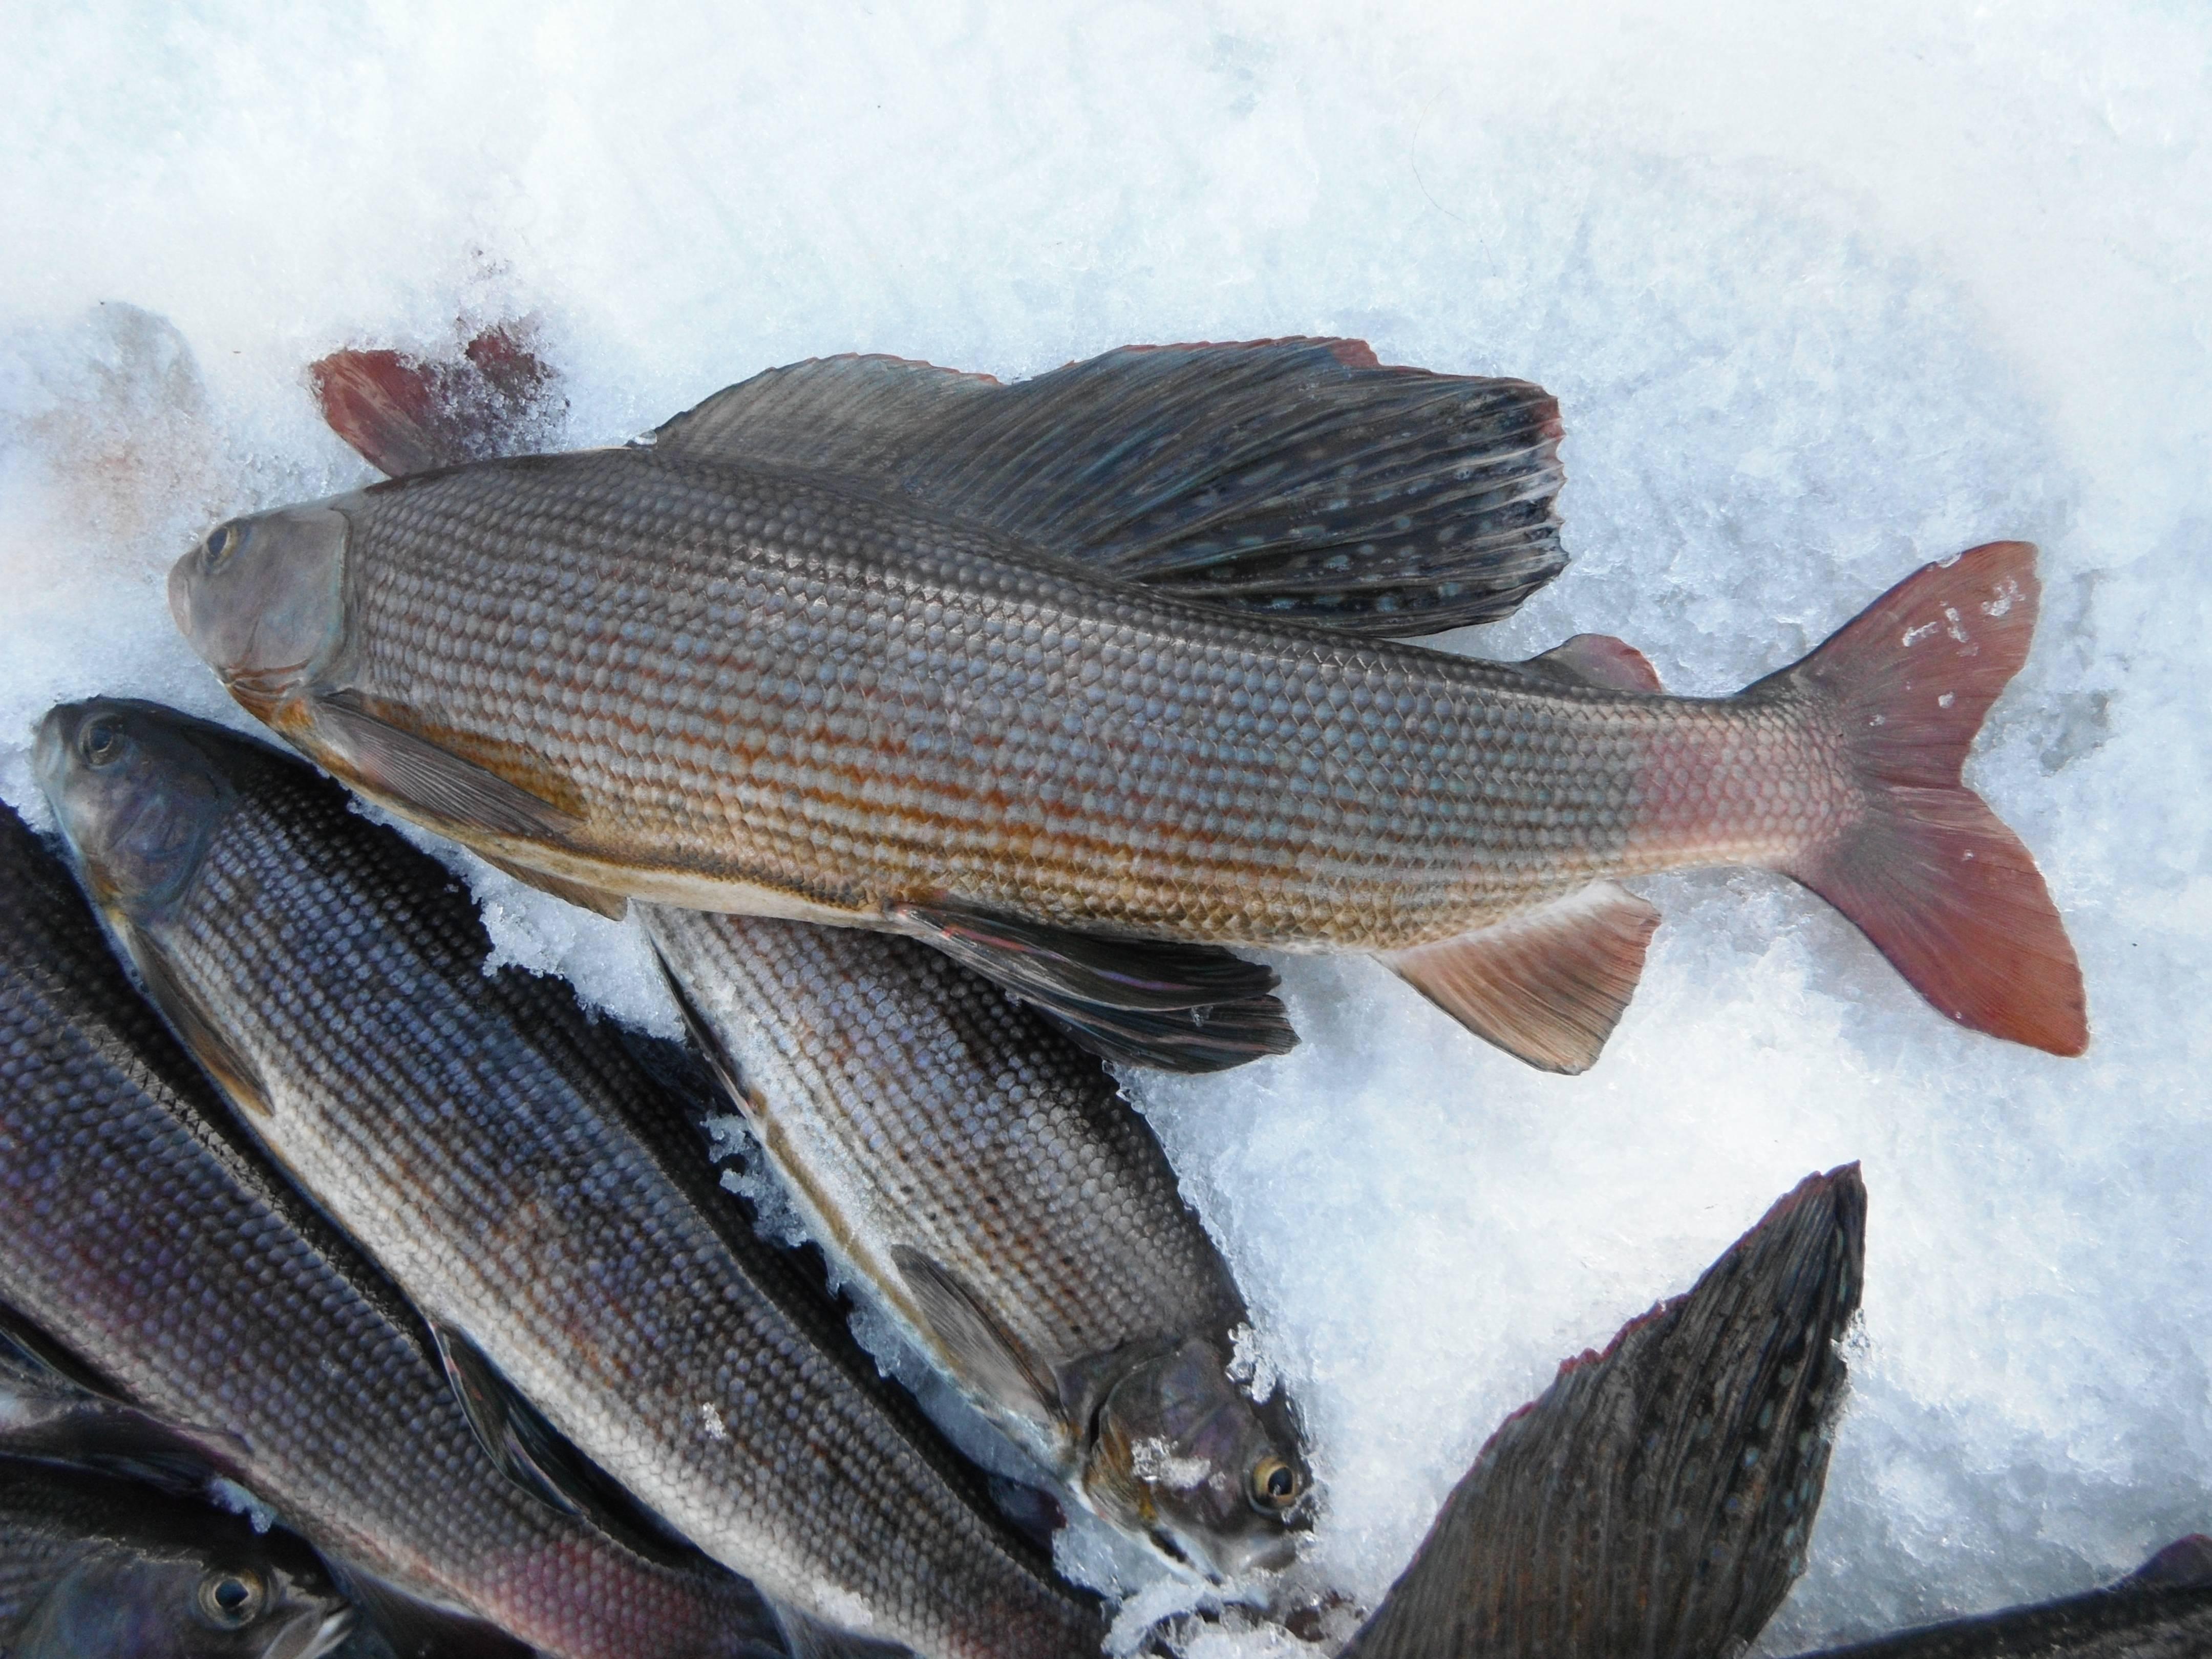 Рыбалка в якутии зимой: ловля карася, налима и щуки, особенности рыбалки на тайменя